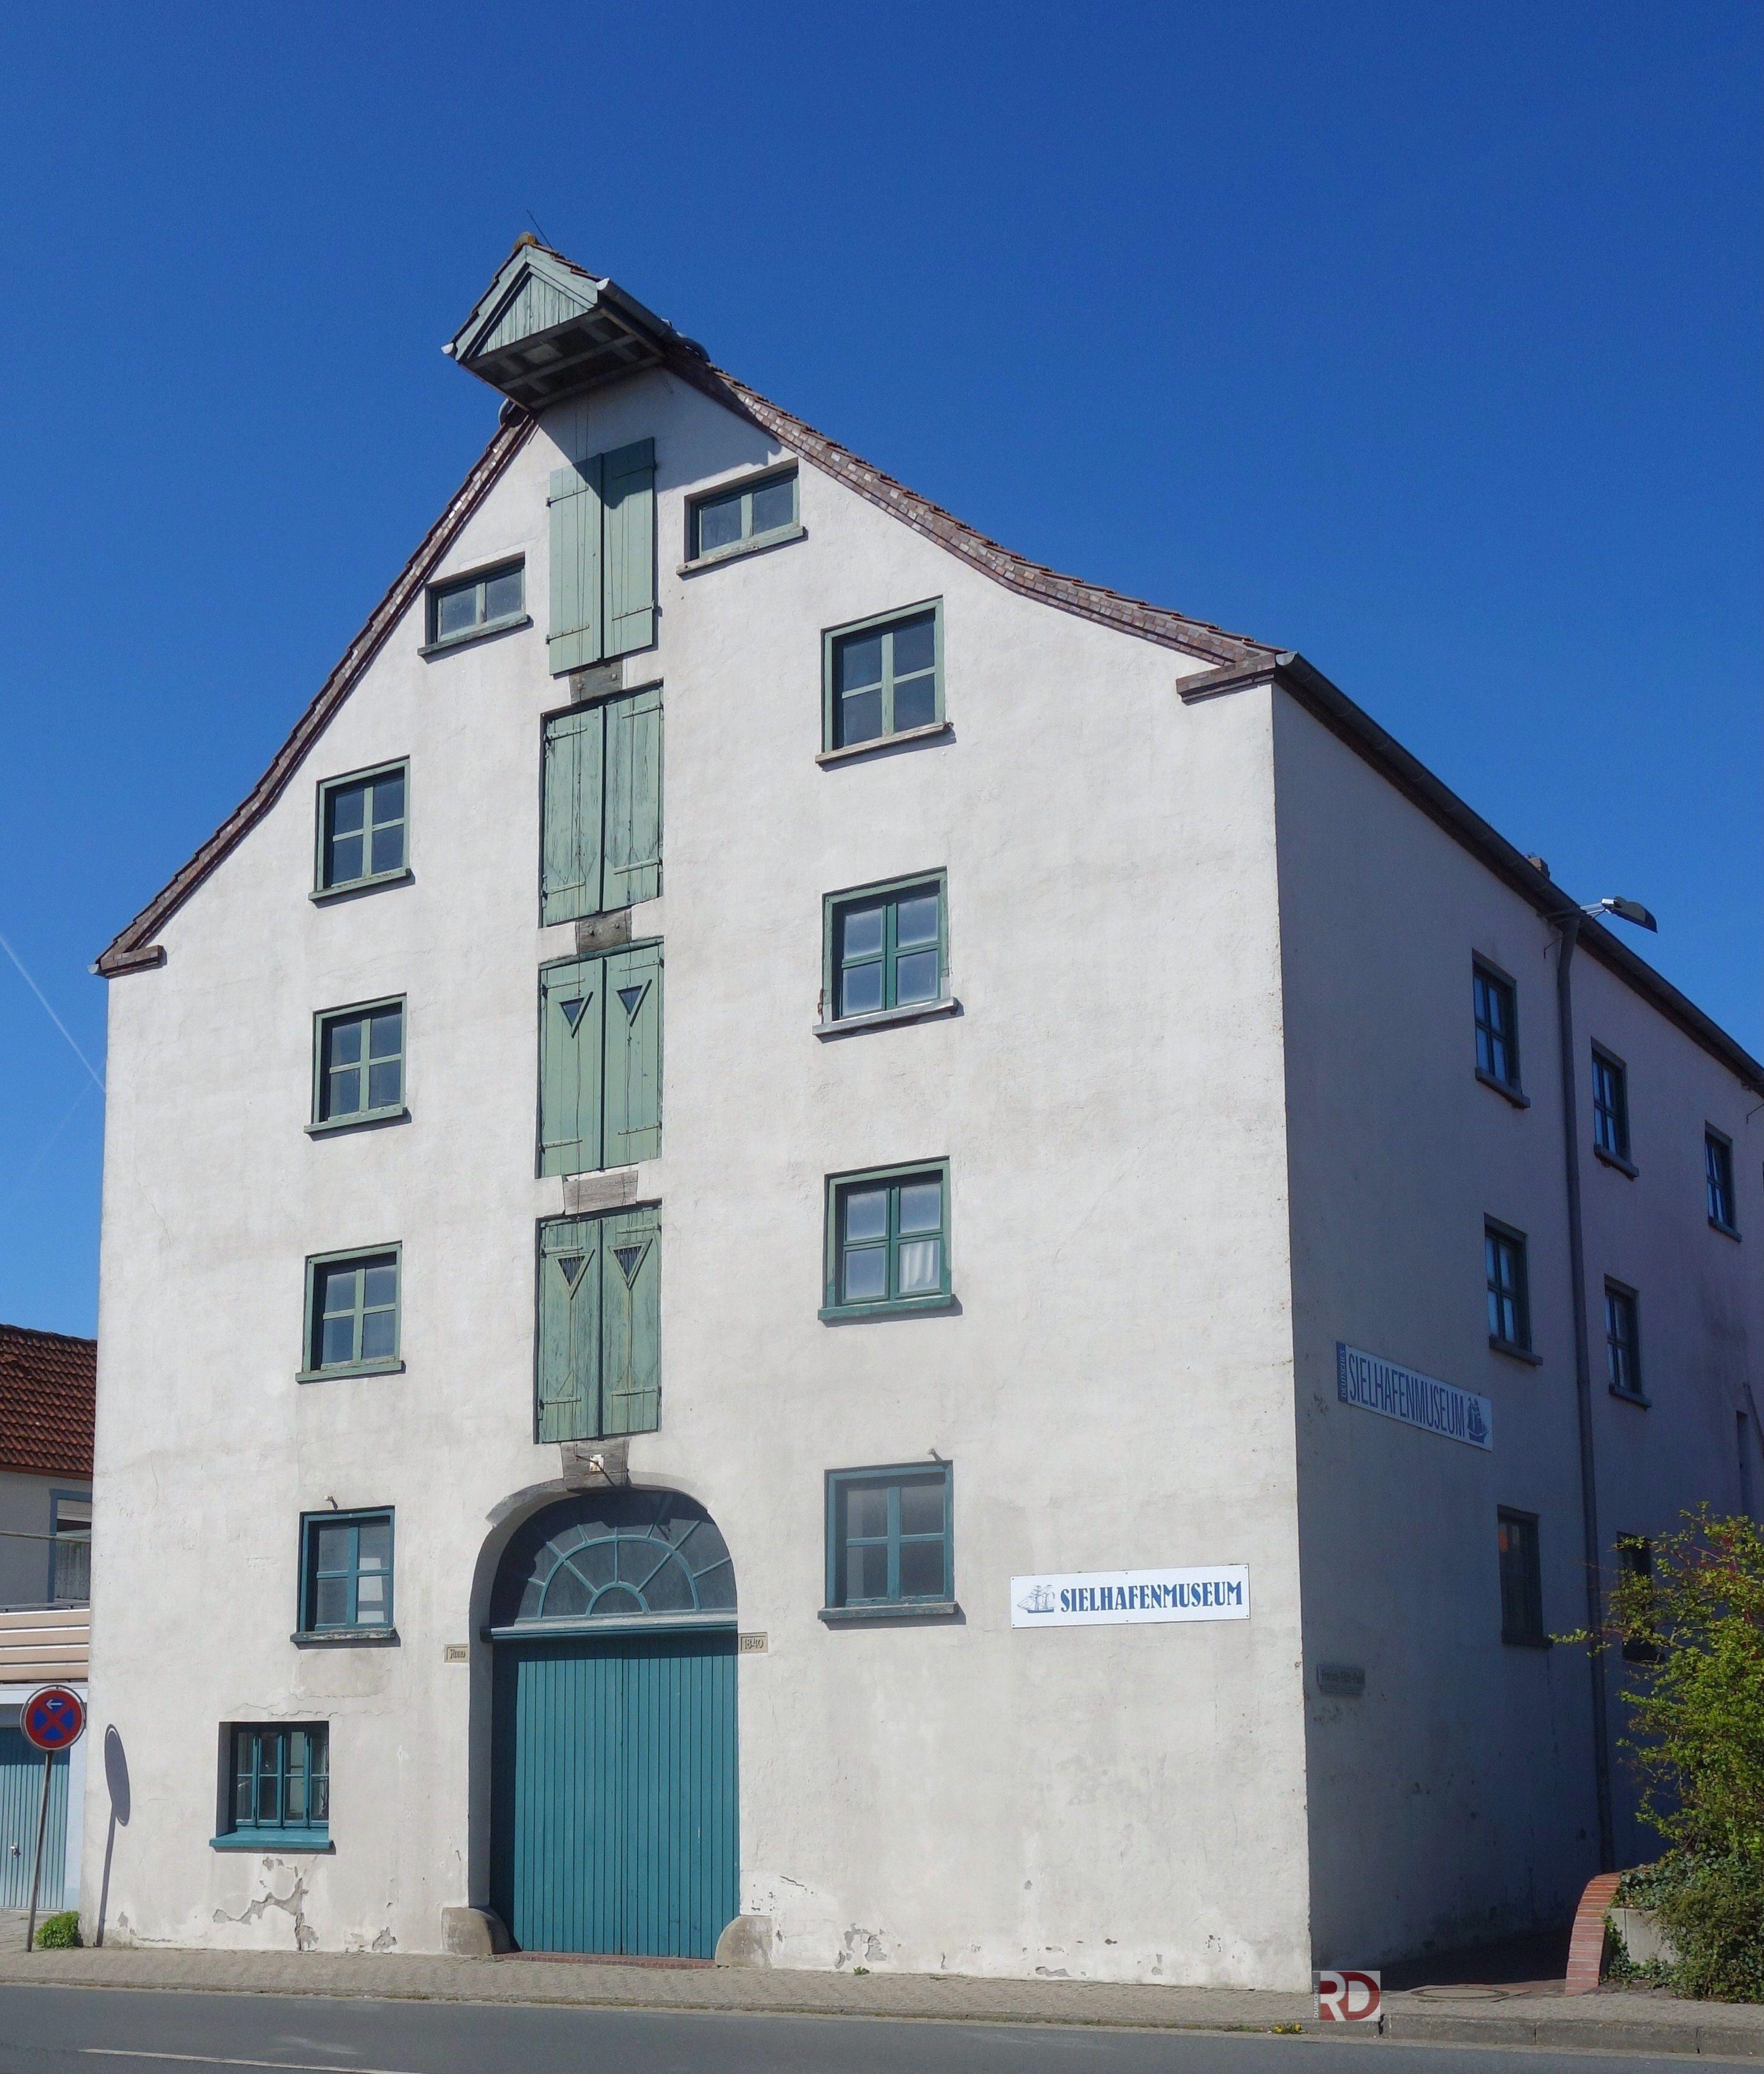 Nordseebad Carolinensiel Eines Der Museumsgebaude Rund Um Den